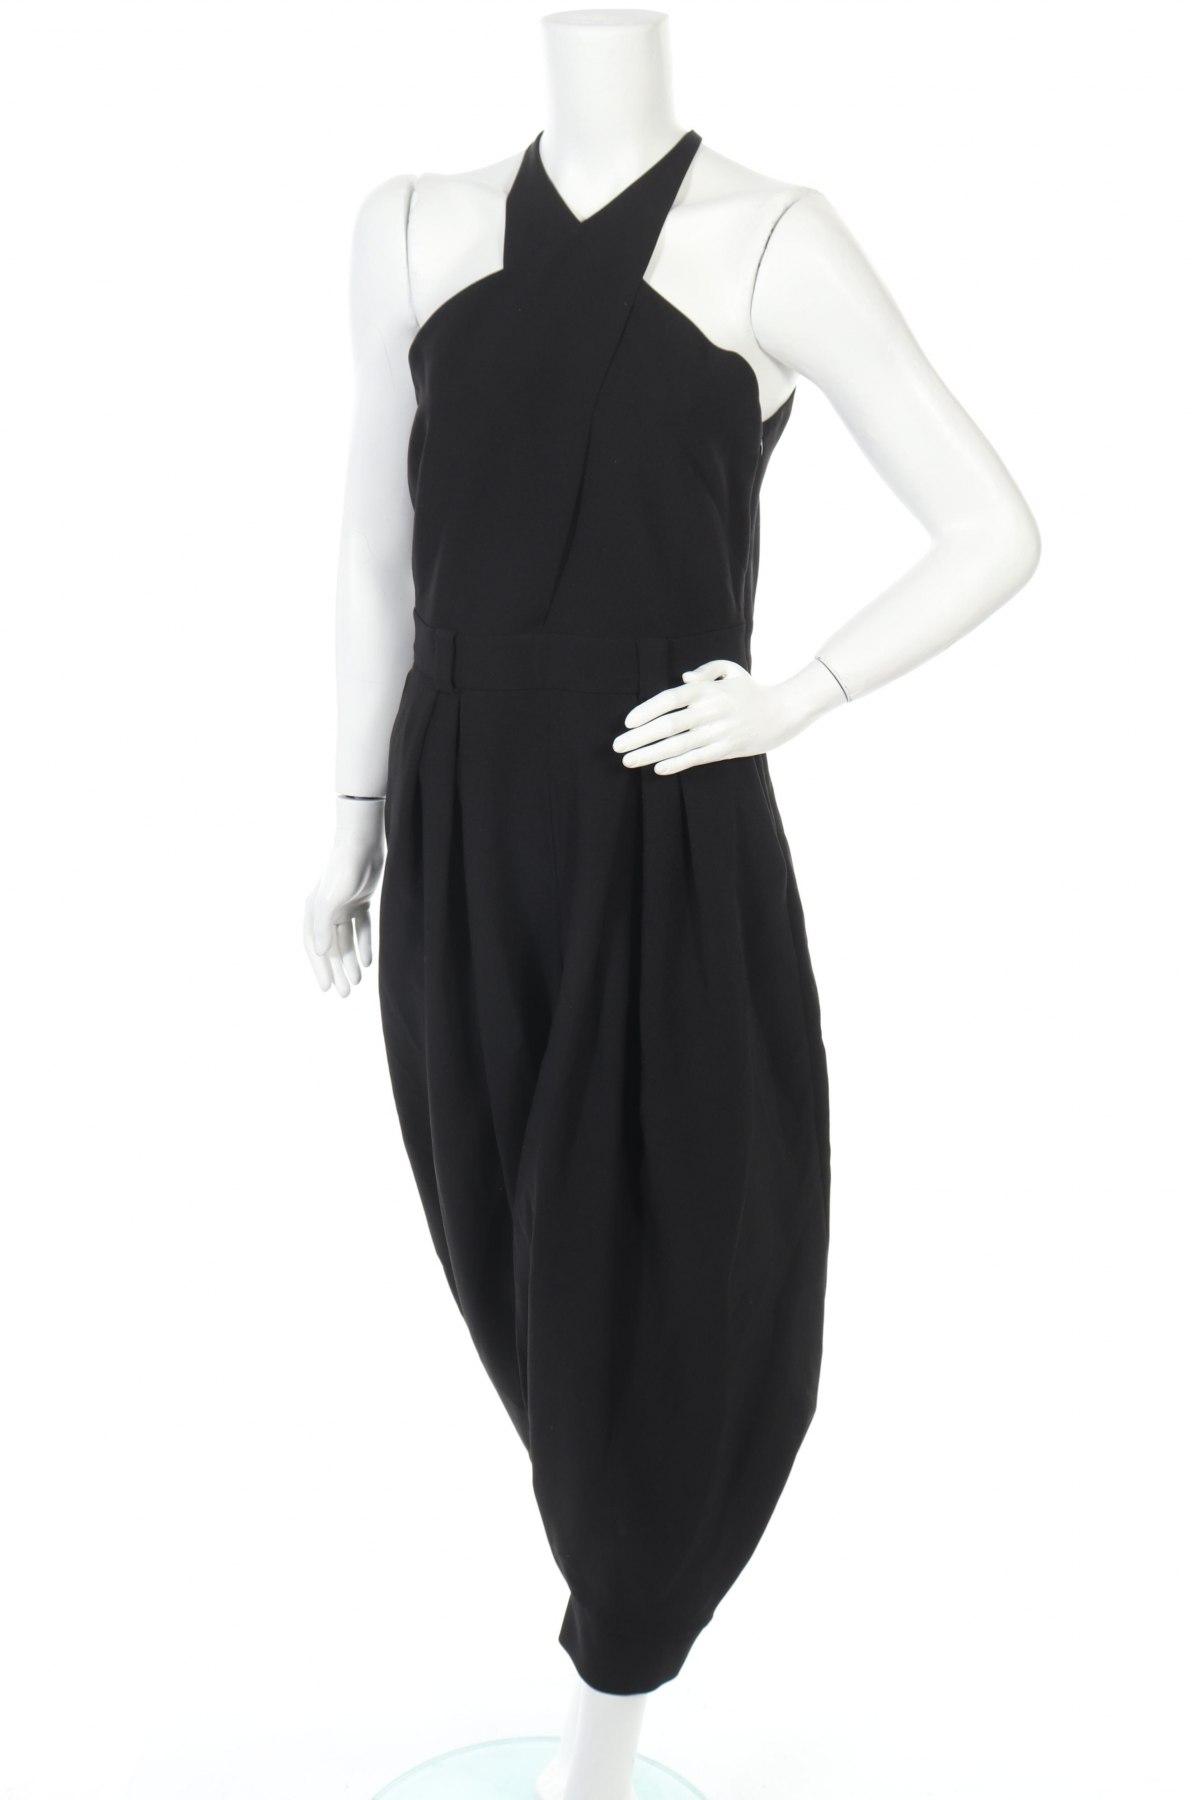 Γυναικεία σαλοπέτα Massimo Dutti, Μέγεθος M, Χρώμα Μαύρο, 92% πολυεστέρας, 8% ελαστάνη, Τιμή 25,96€